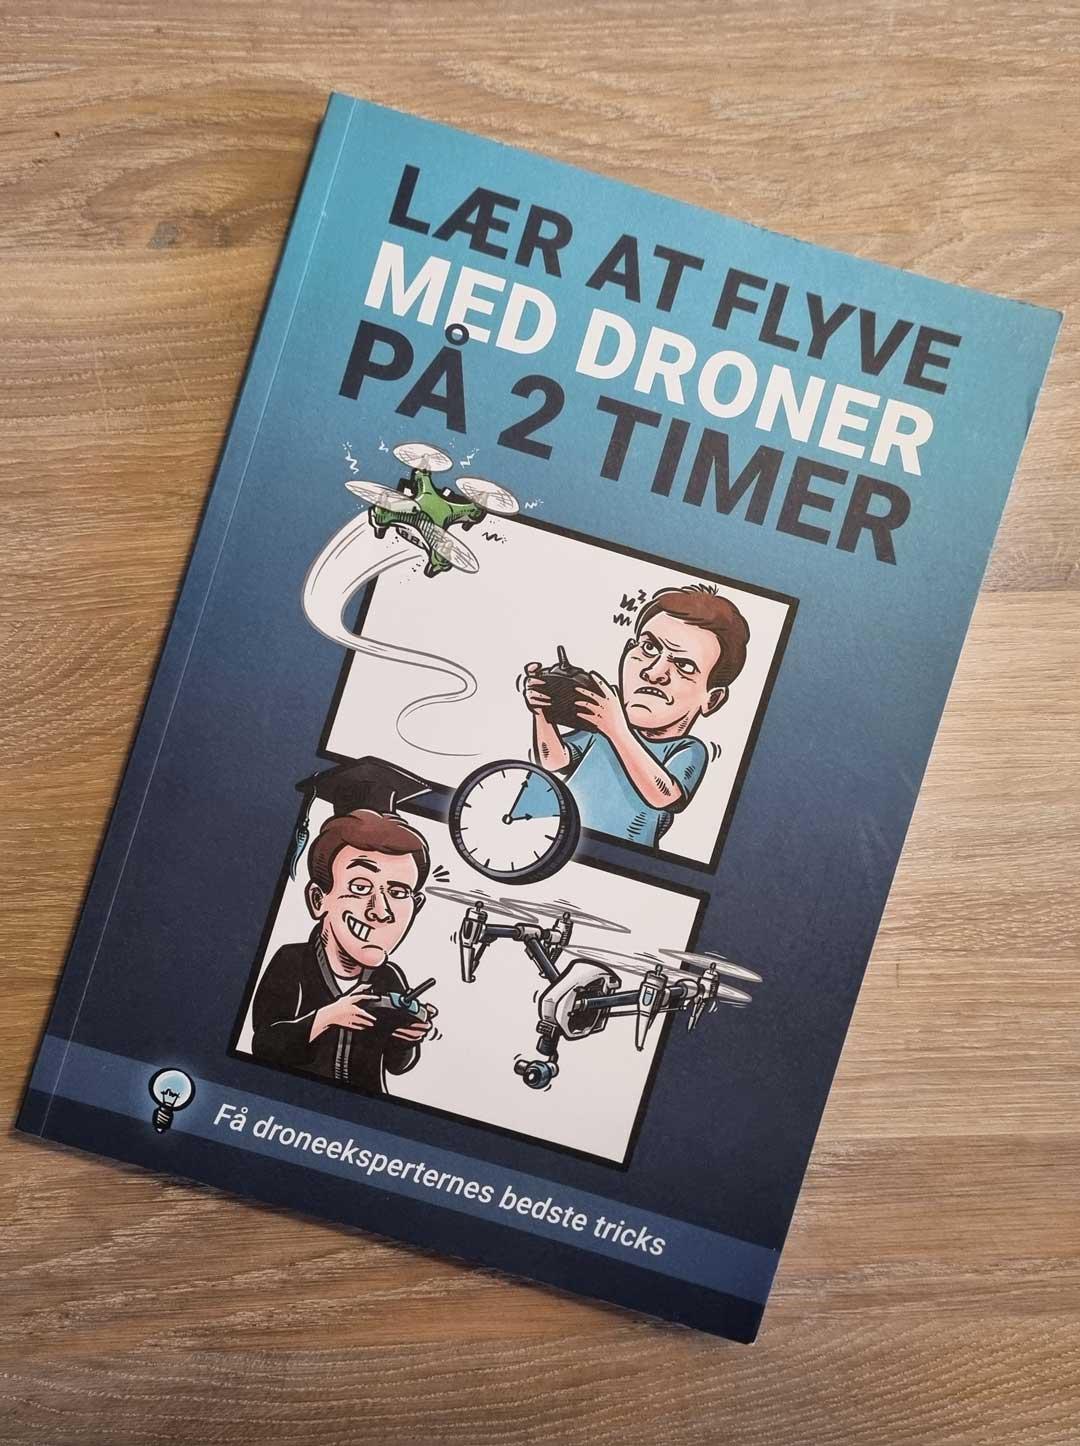 Tekniske tegninger til Droner.dk: Lær at flyve med droner på 2 timer